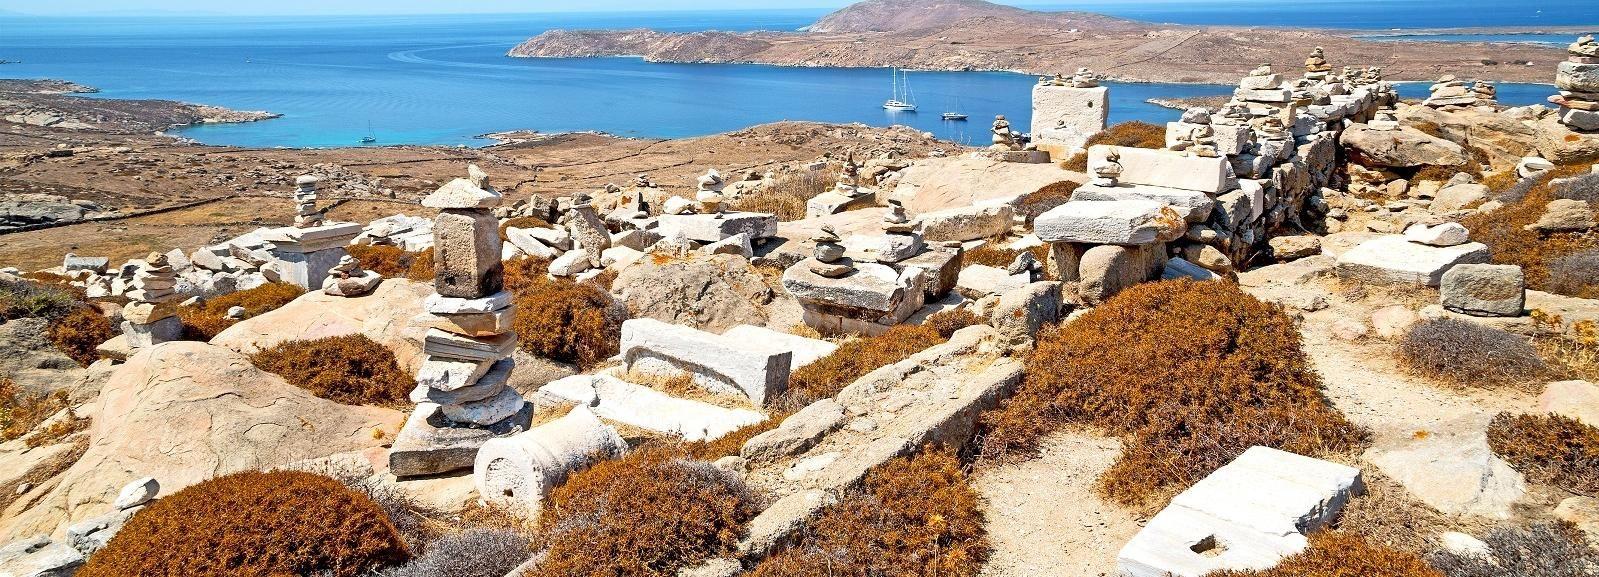 Mykonos to Delos 4-Hour Tour